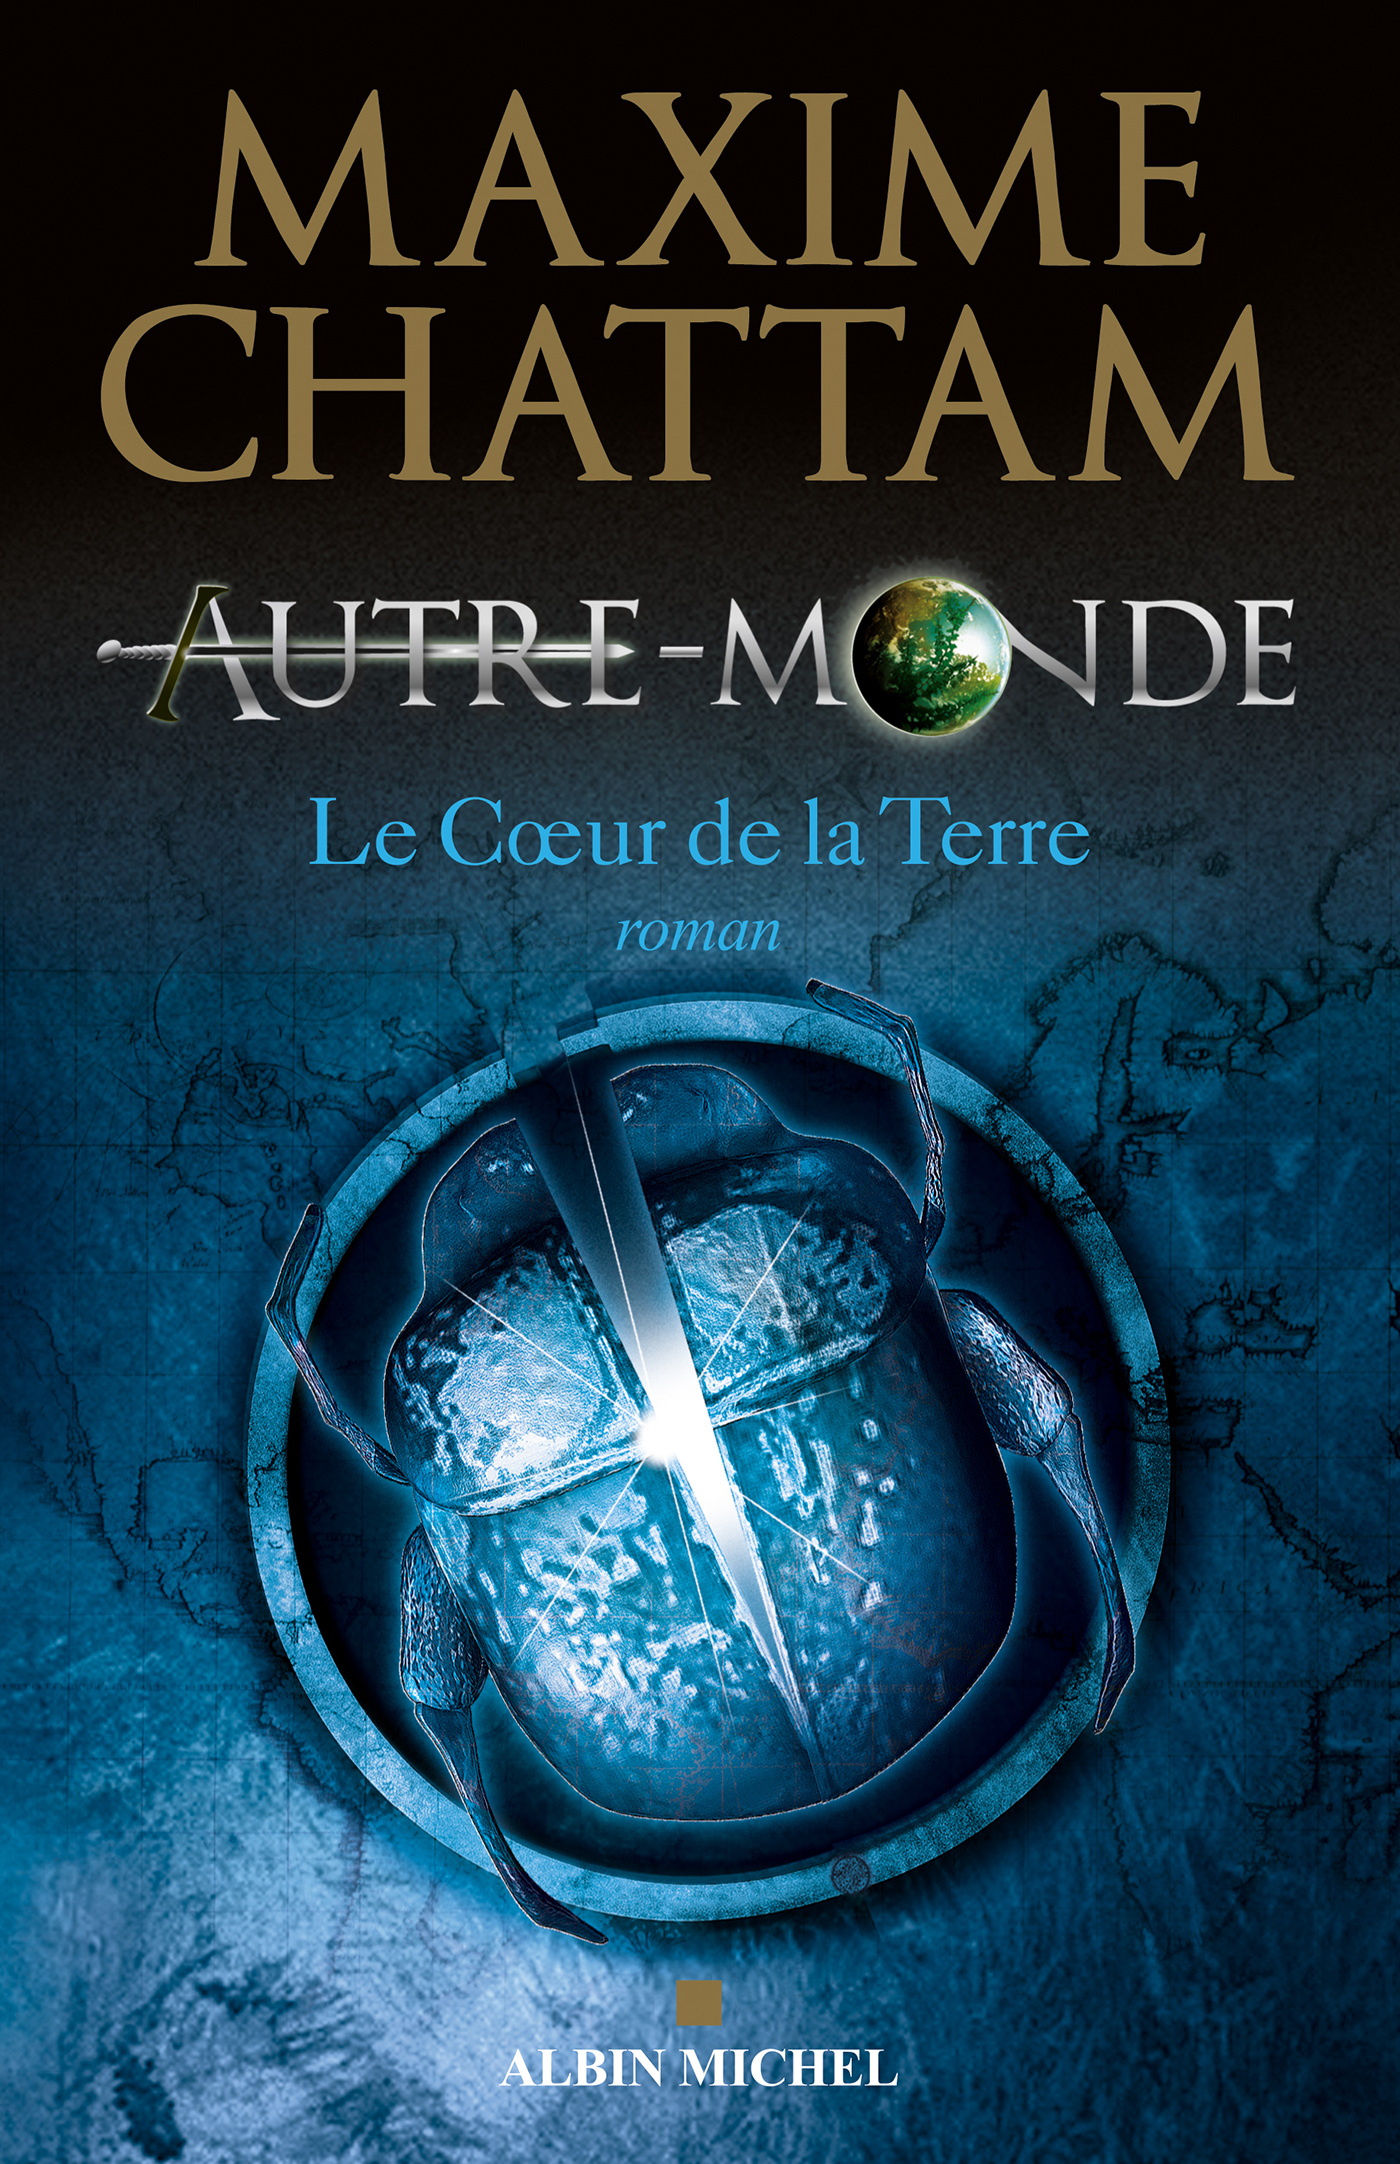 Autre-monde - tome 3 | Chattam, Maxime. Auteur